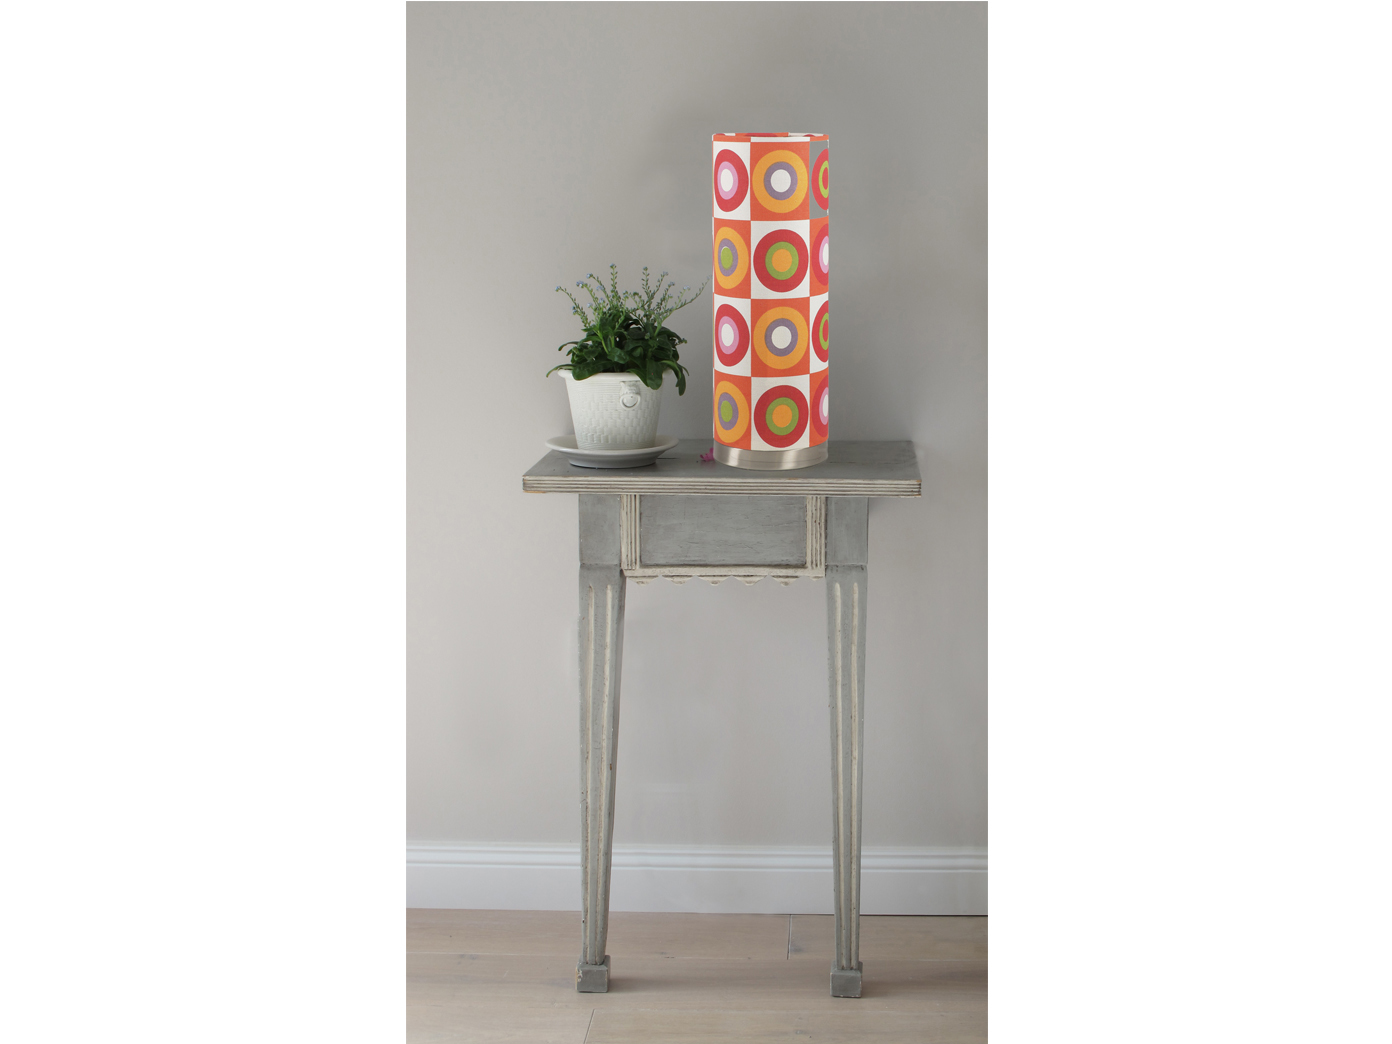 Ø 15 cm Retro-Look Design LED Tischlampen CLAIRE 2er-Set Höhe 42 cm Vintage